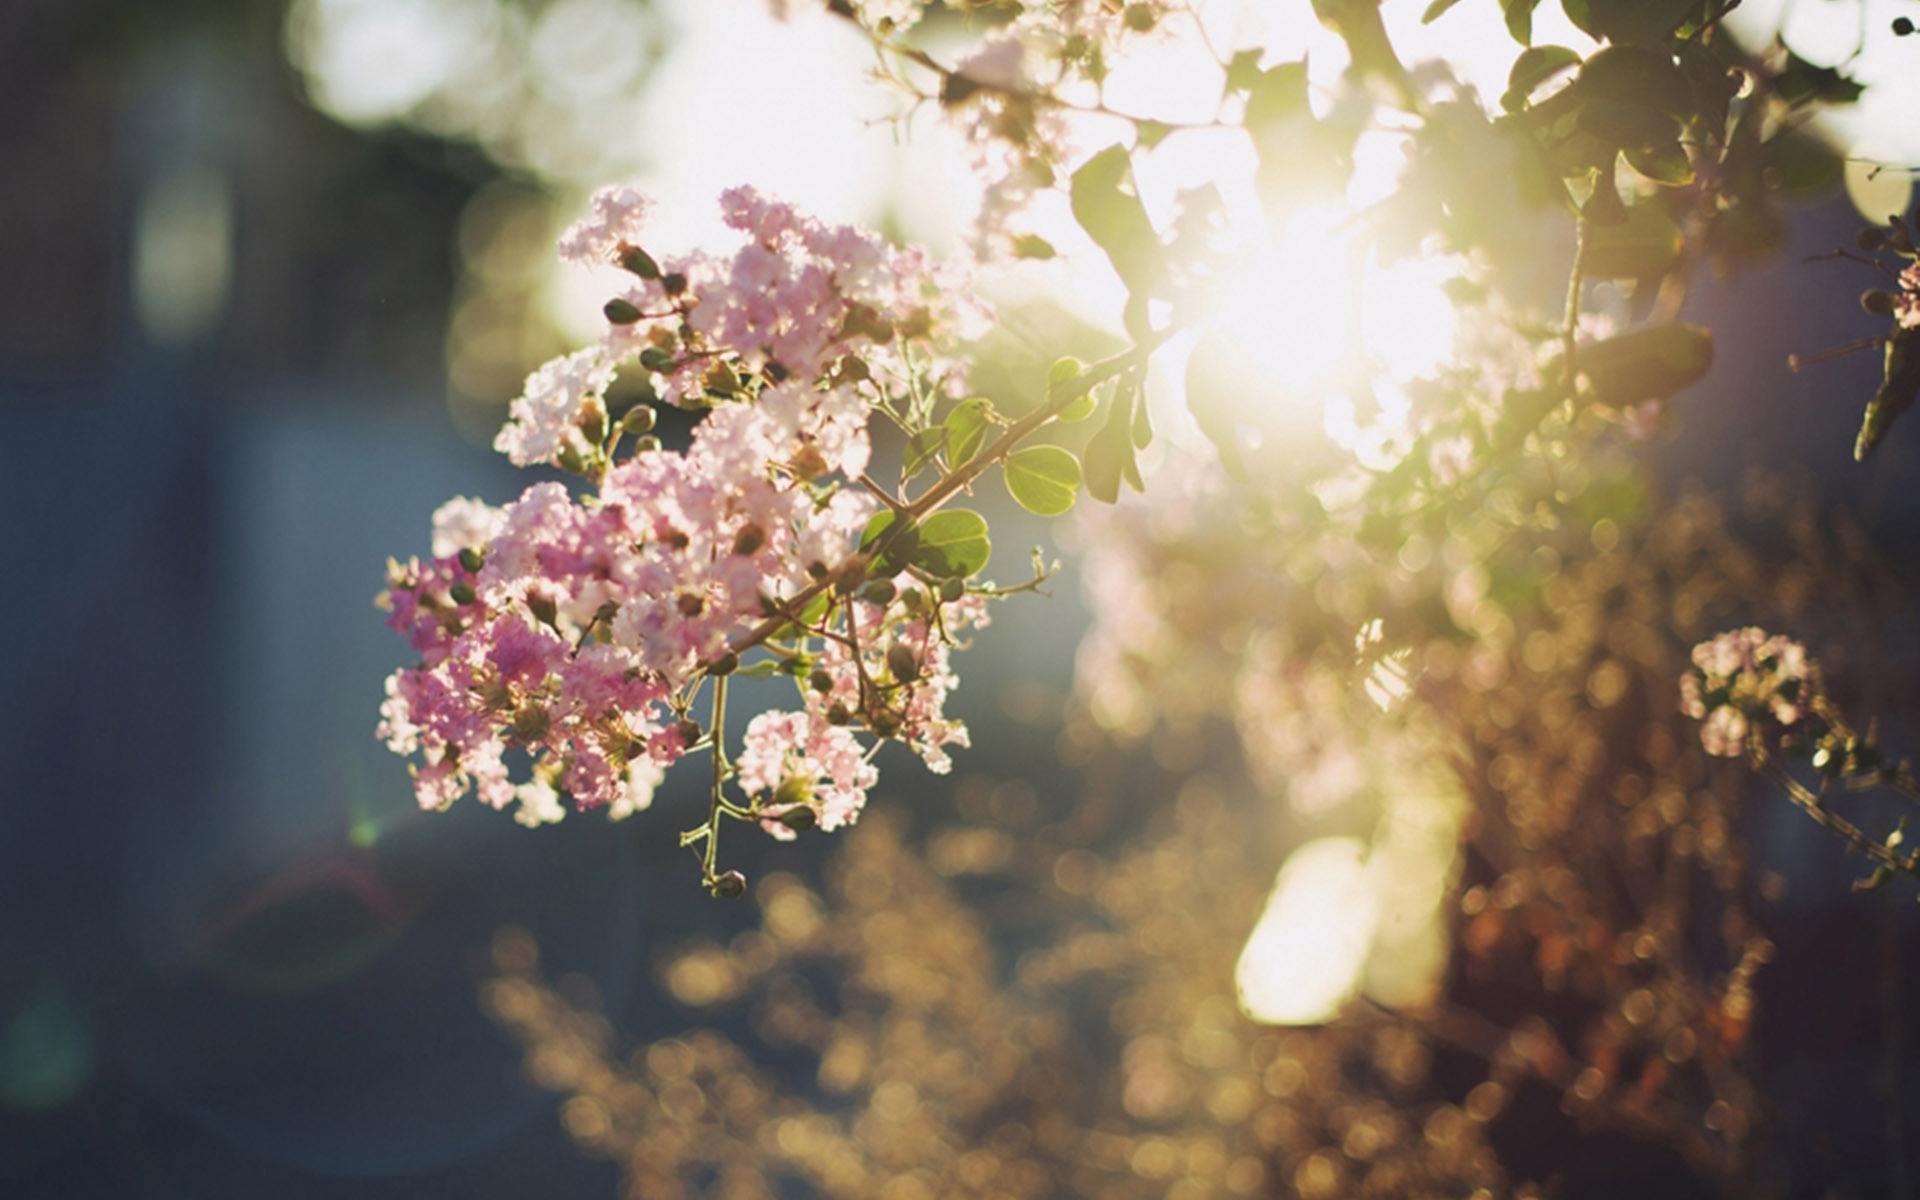 生活语录致自己人生感悟说说:我们要做明媚的小太阳